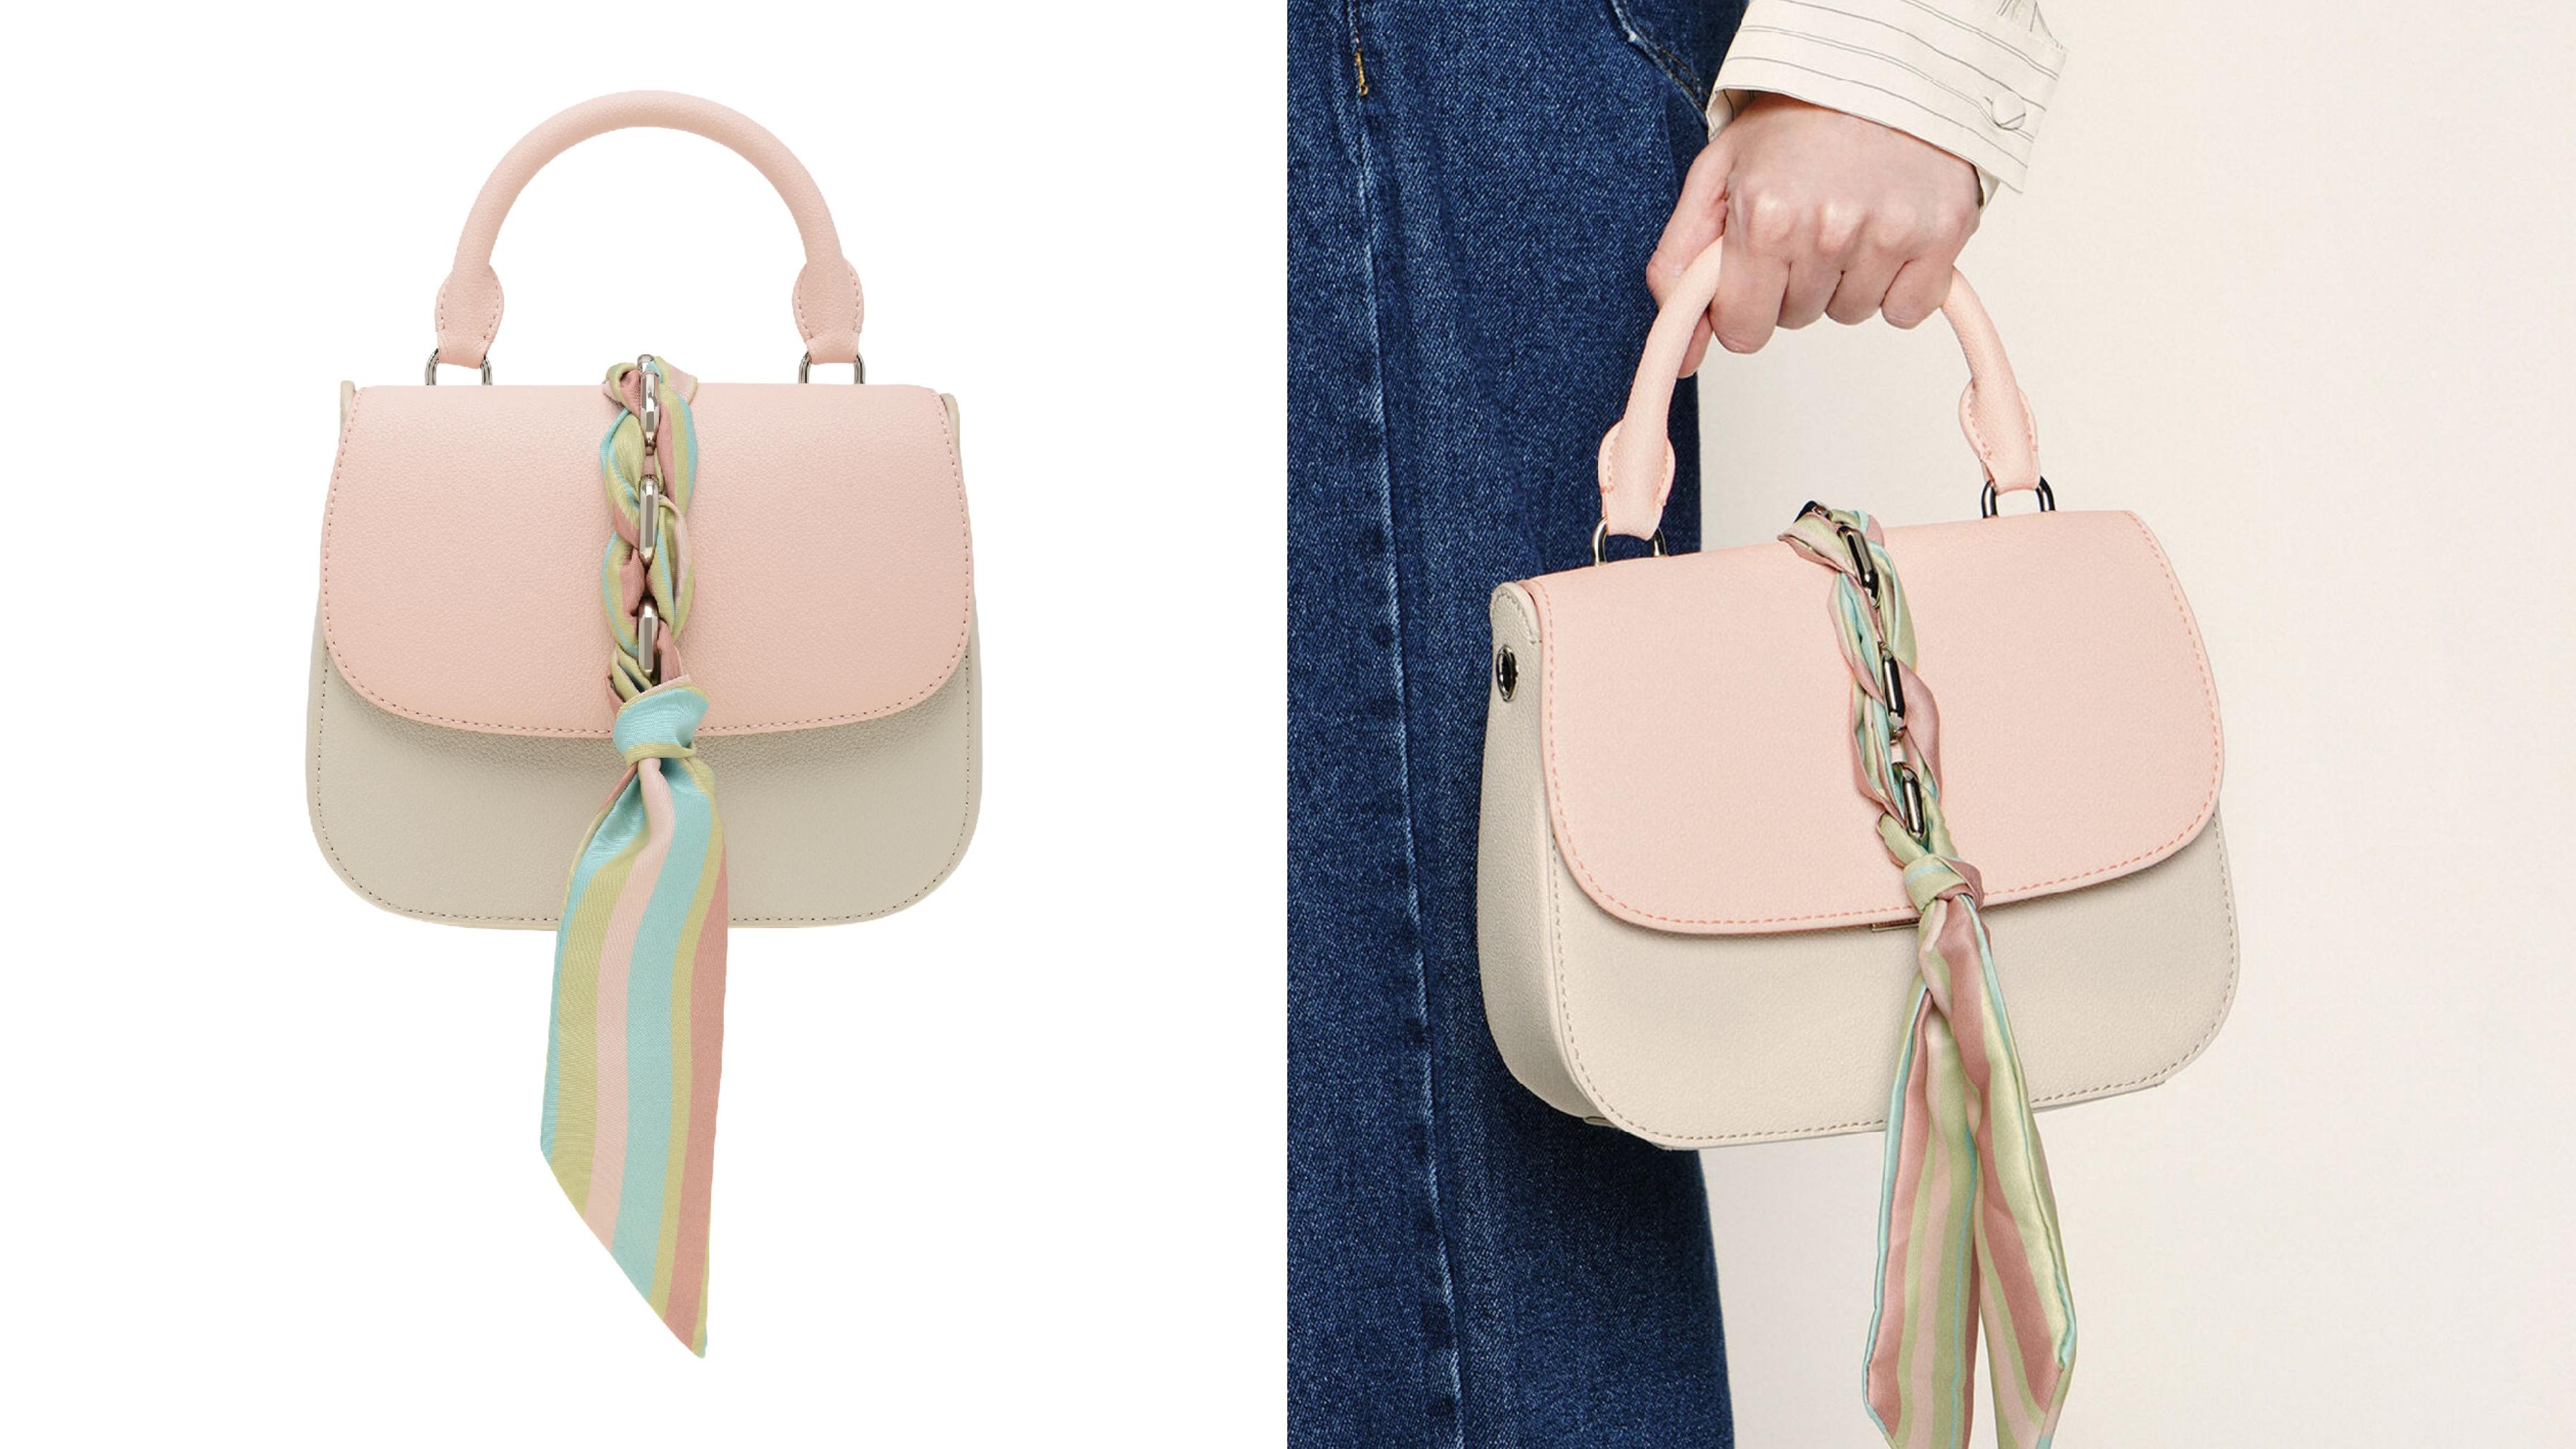 淡雅粉嫩的撞色設計點綴多彩扭結絲巾,將春天的溫柔與活力展現於日常造型中